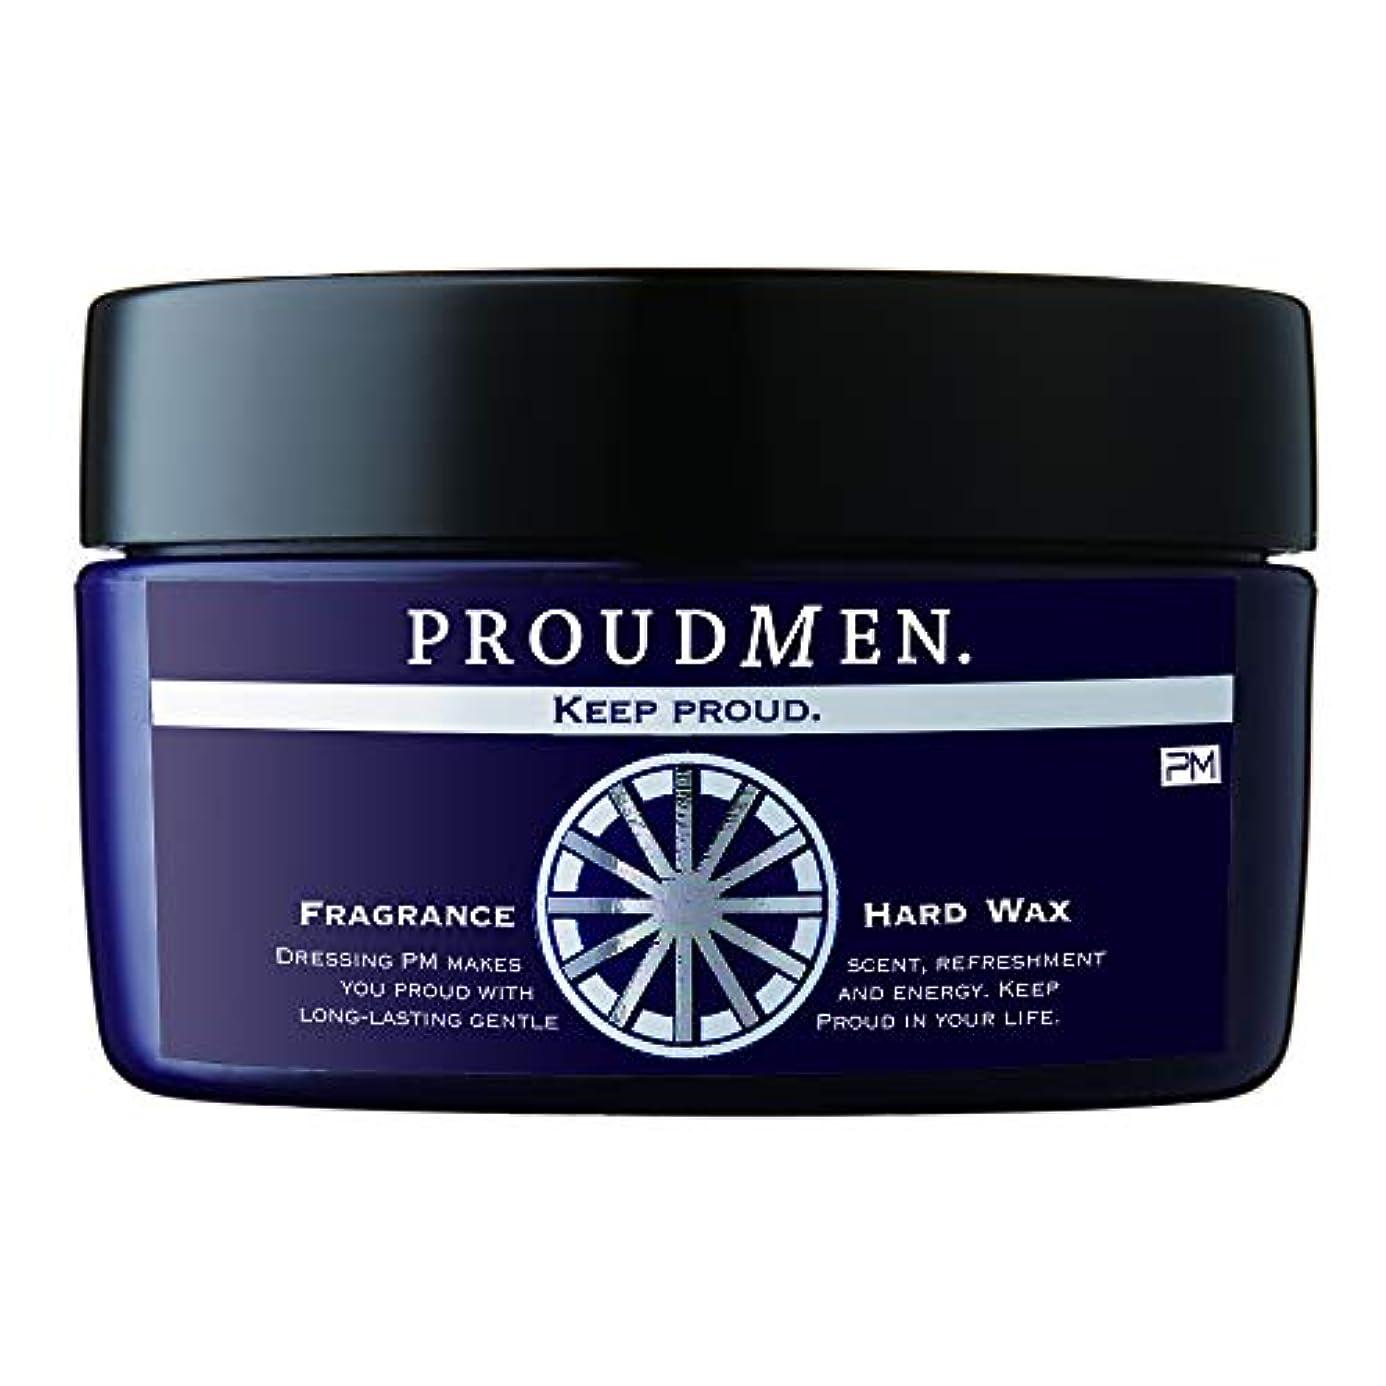 外側ホイップ傷つけるプラウドメン フレグランスハードワックス 60g (グルーミング?シトラスの香り) 整髪料 スタイリング剤 ヘアワックス メンズ 男性